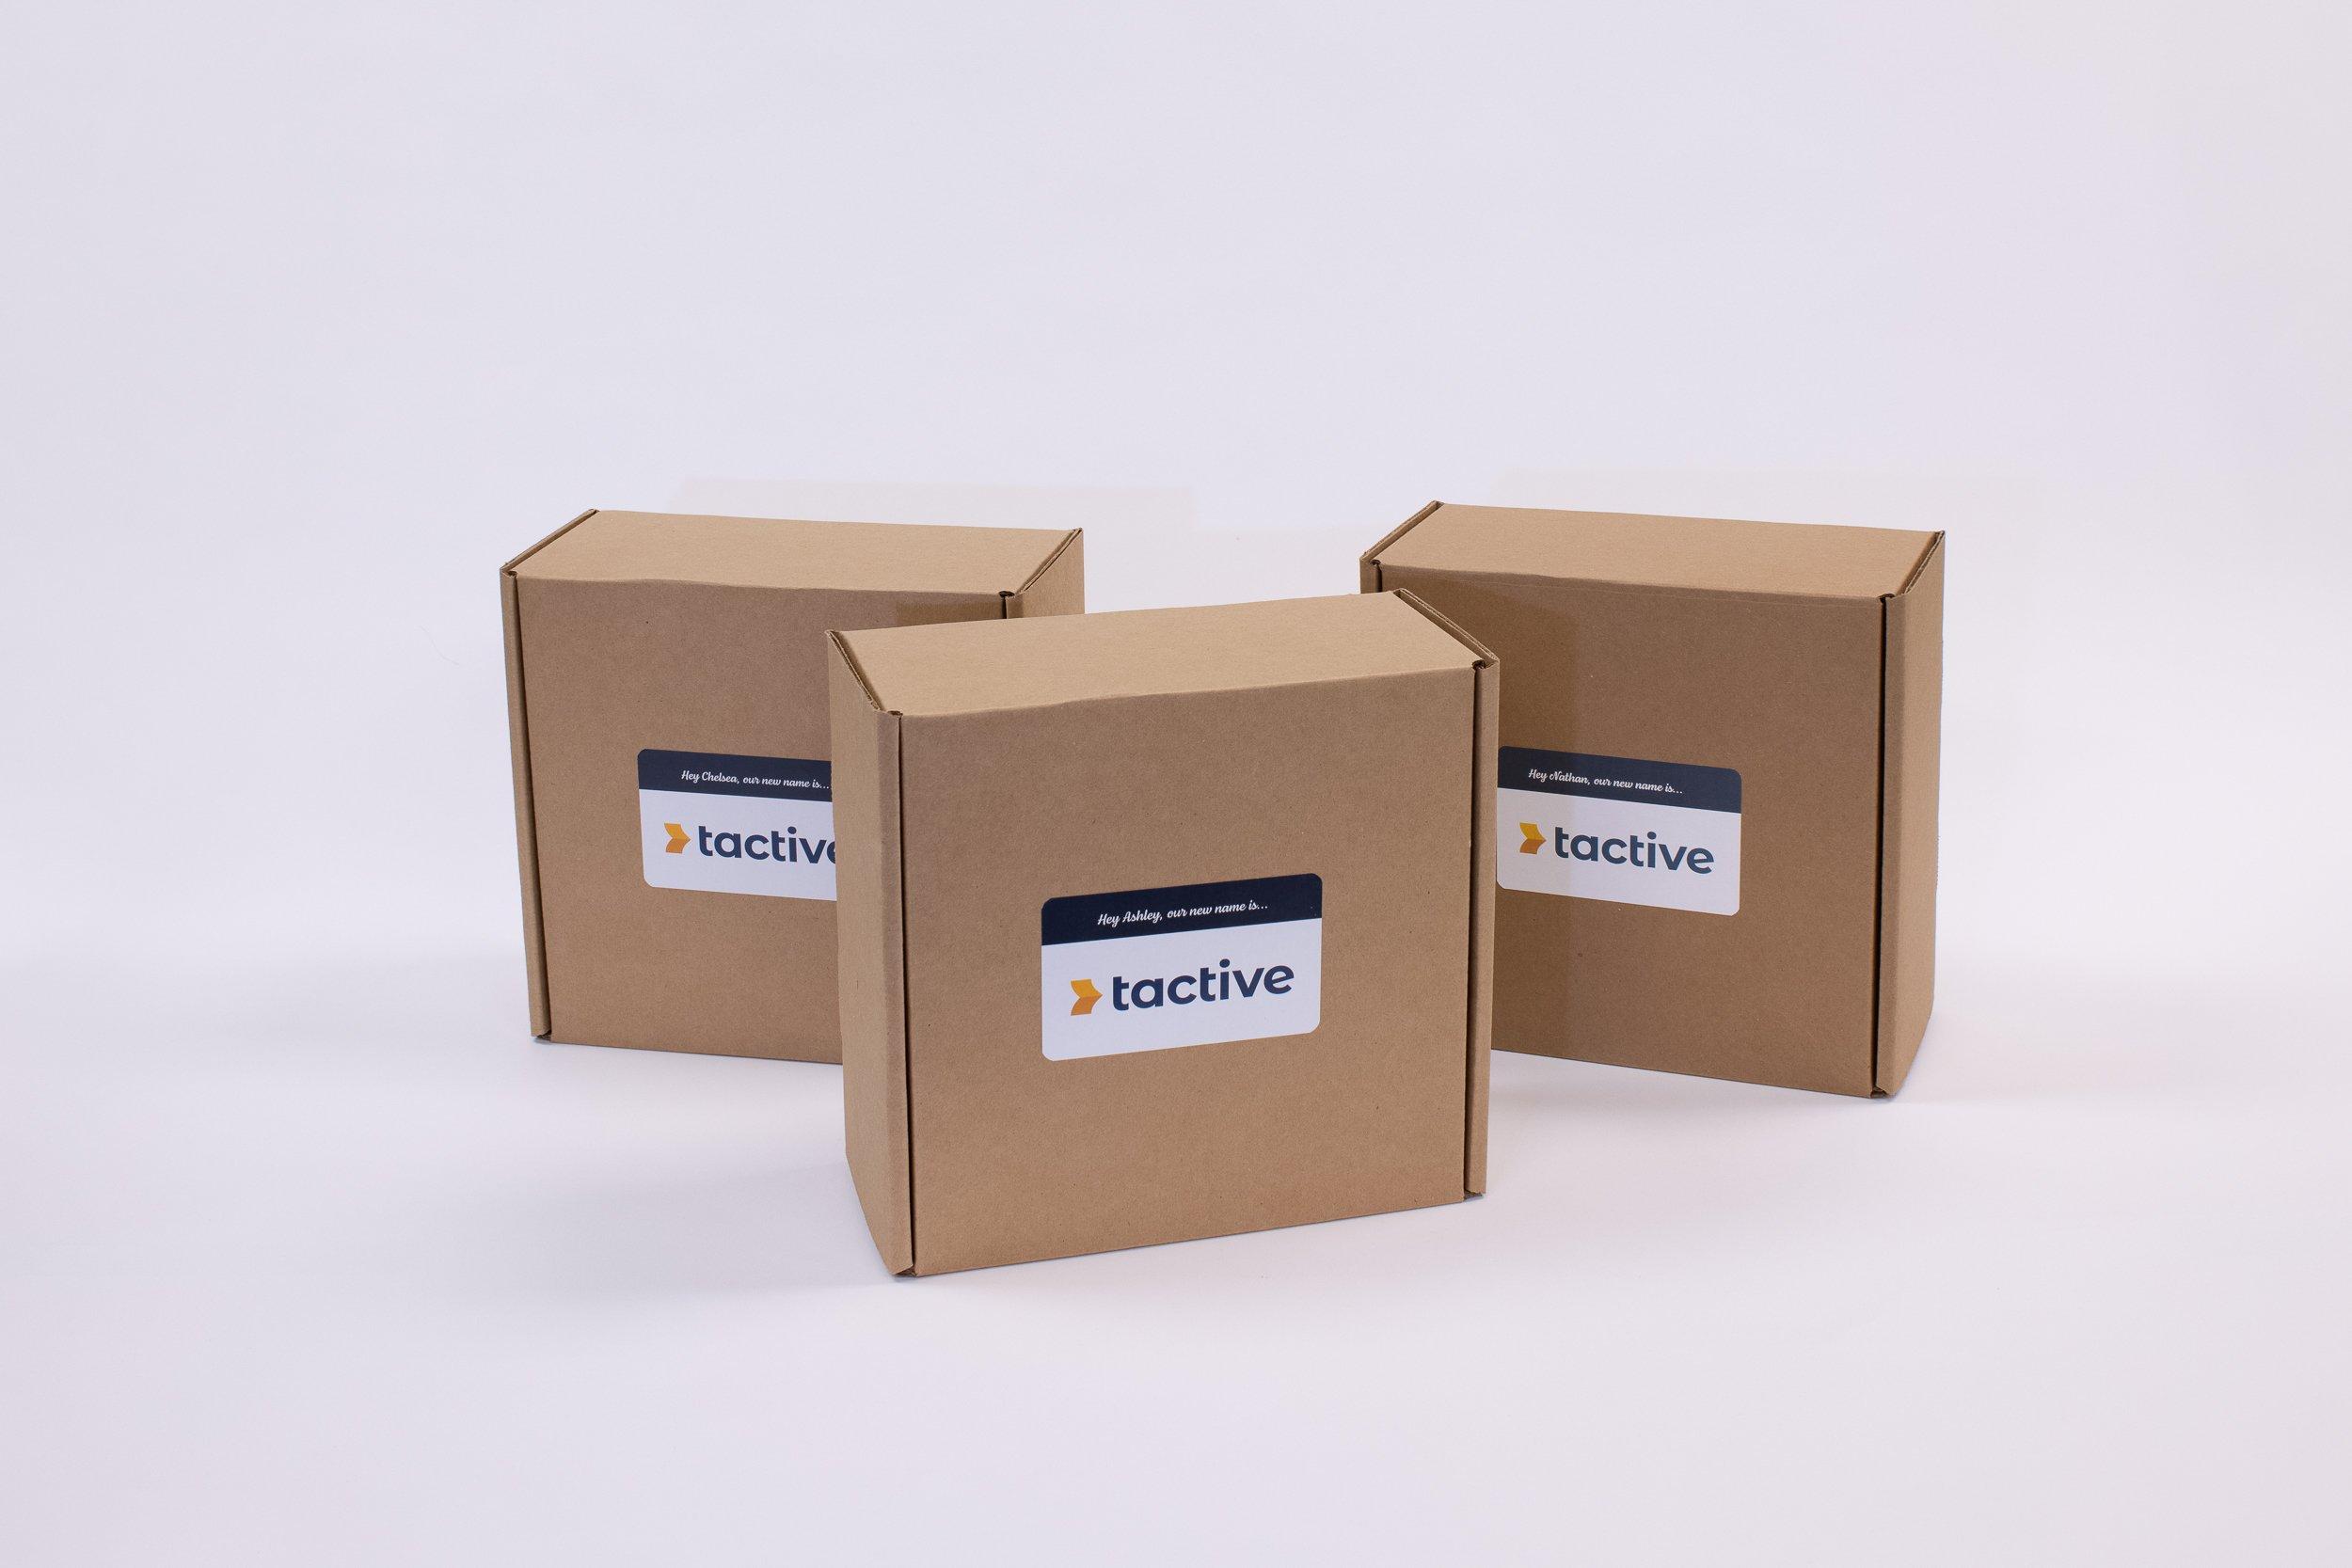 Tactive Announcement 3DDM Boxes